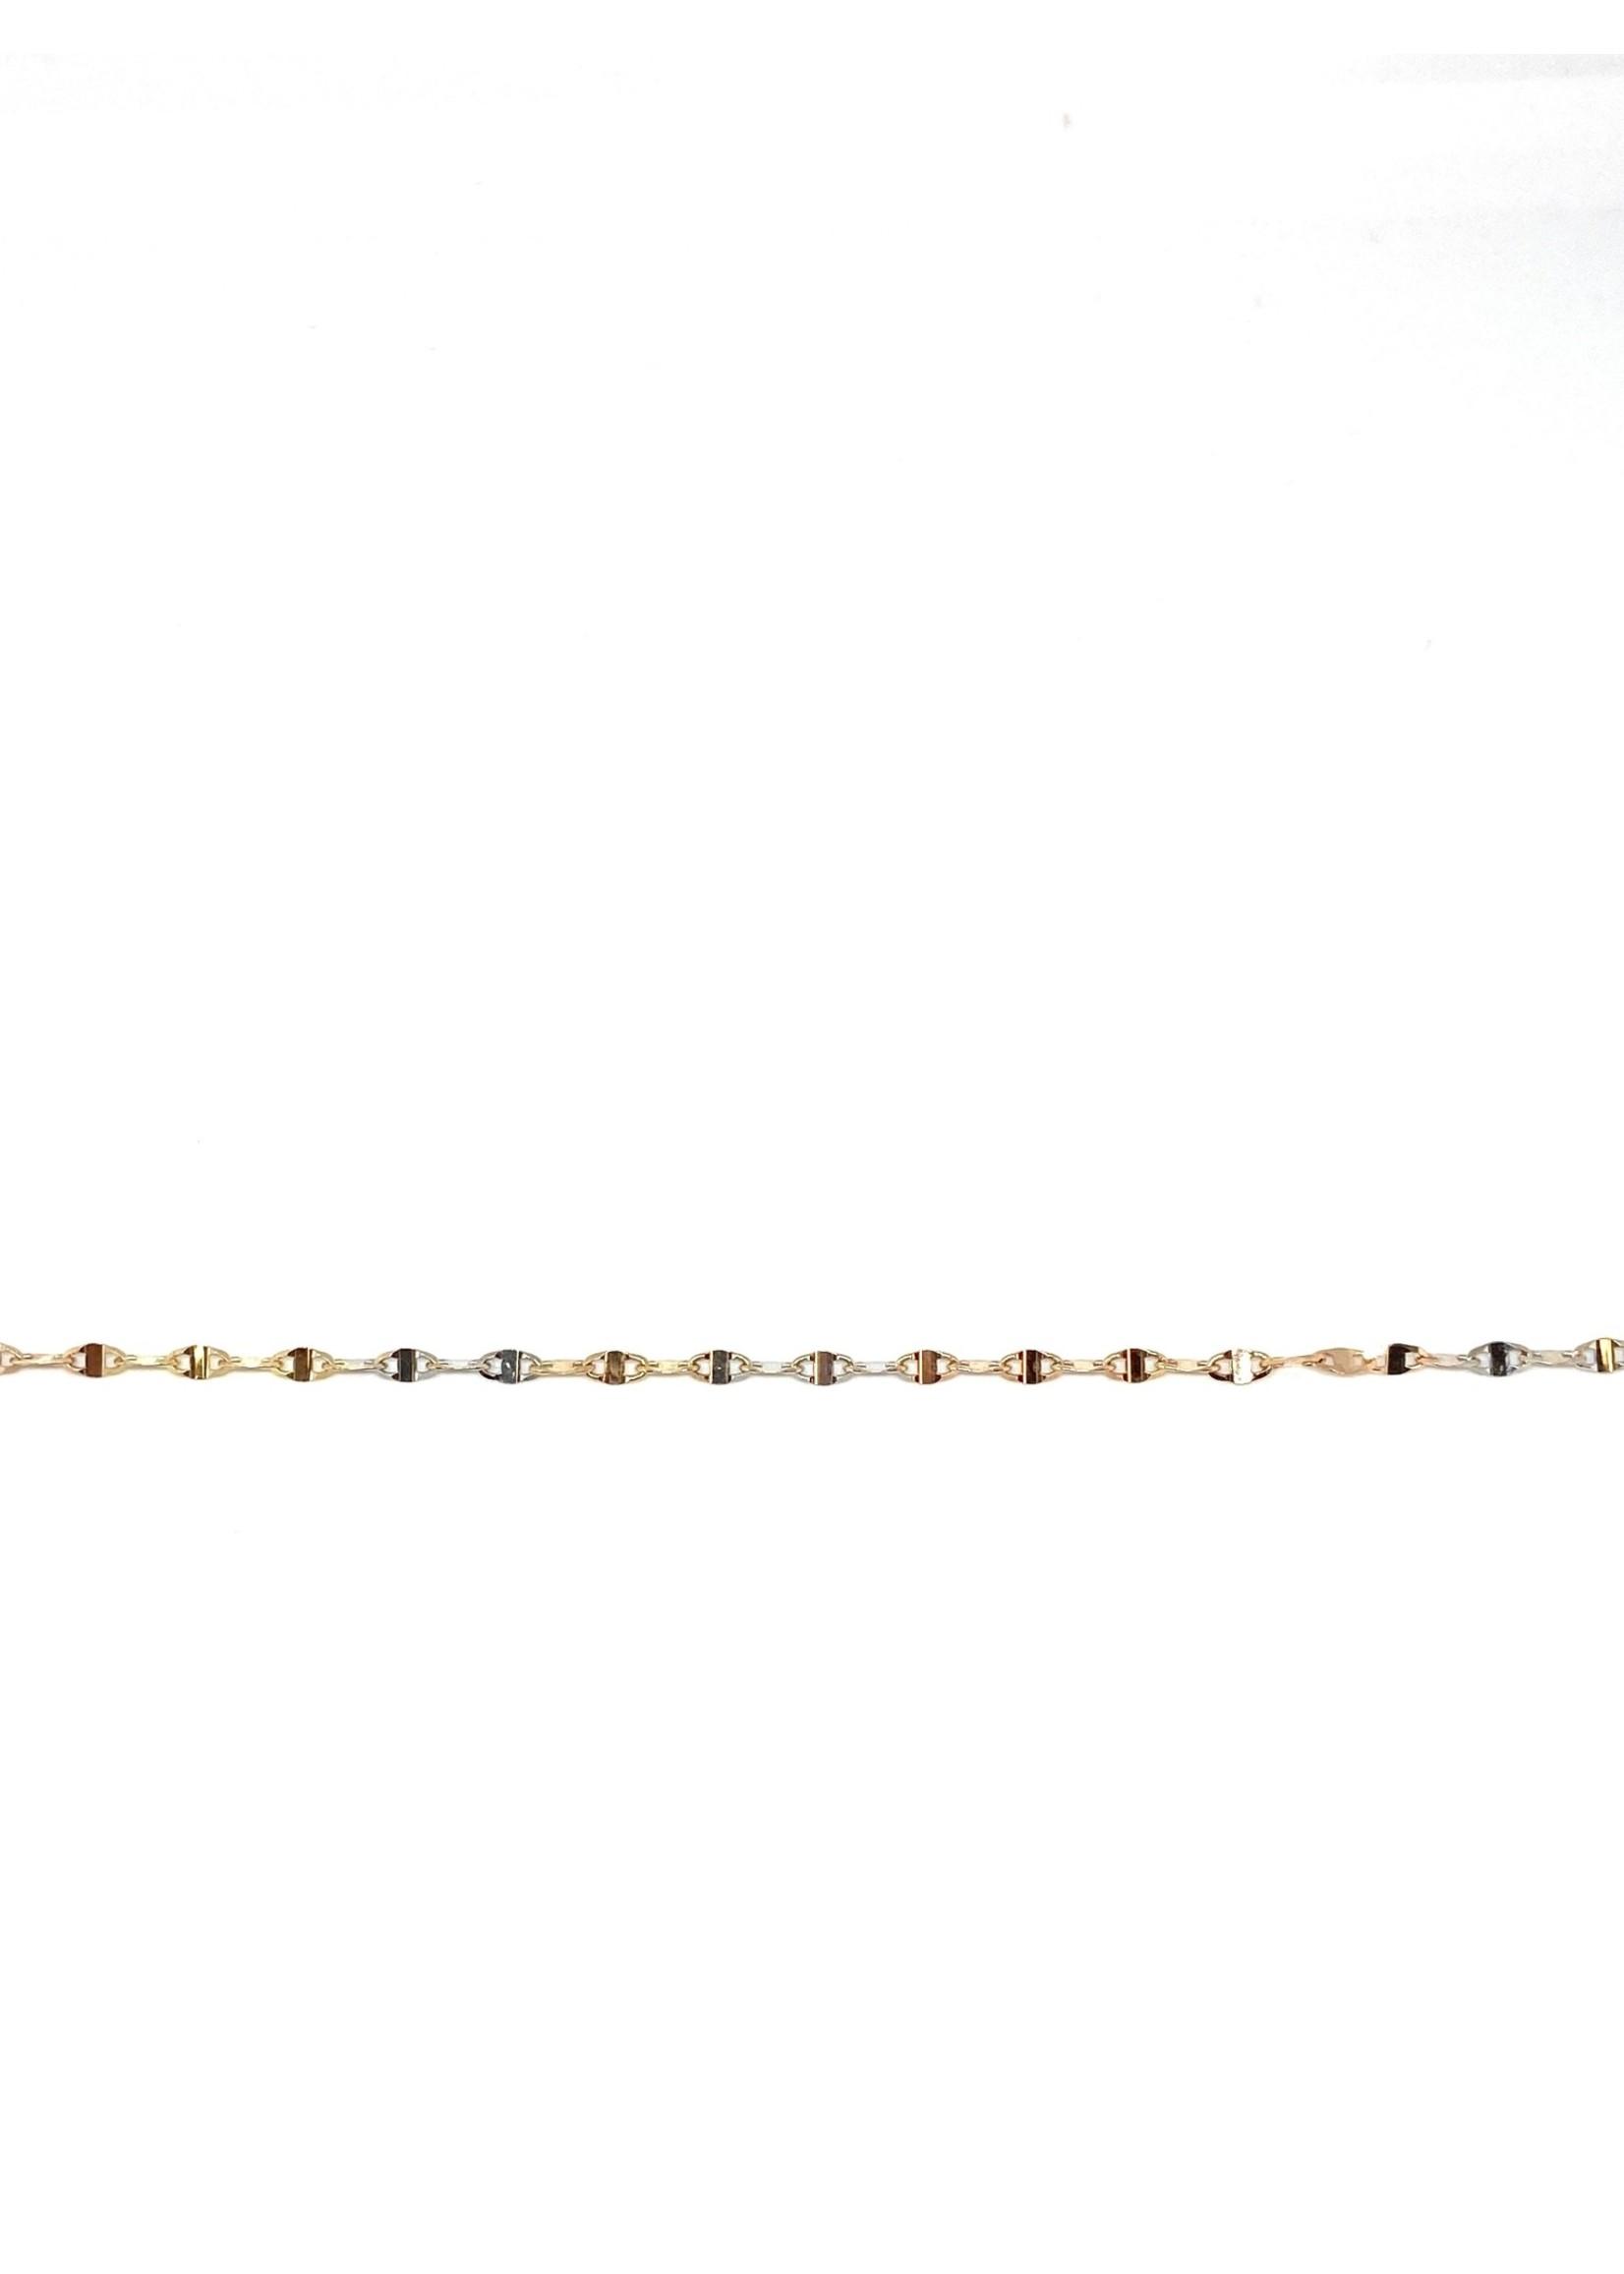 PARÉ Bracelet FLP Or 10K 3 tons